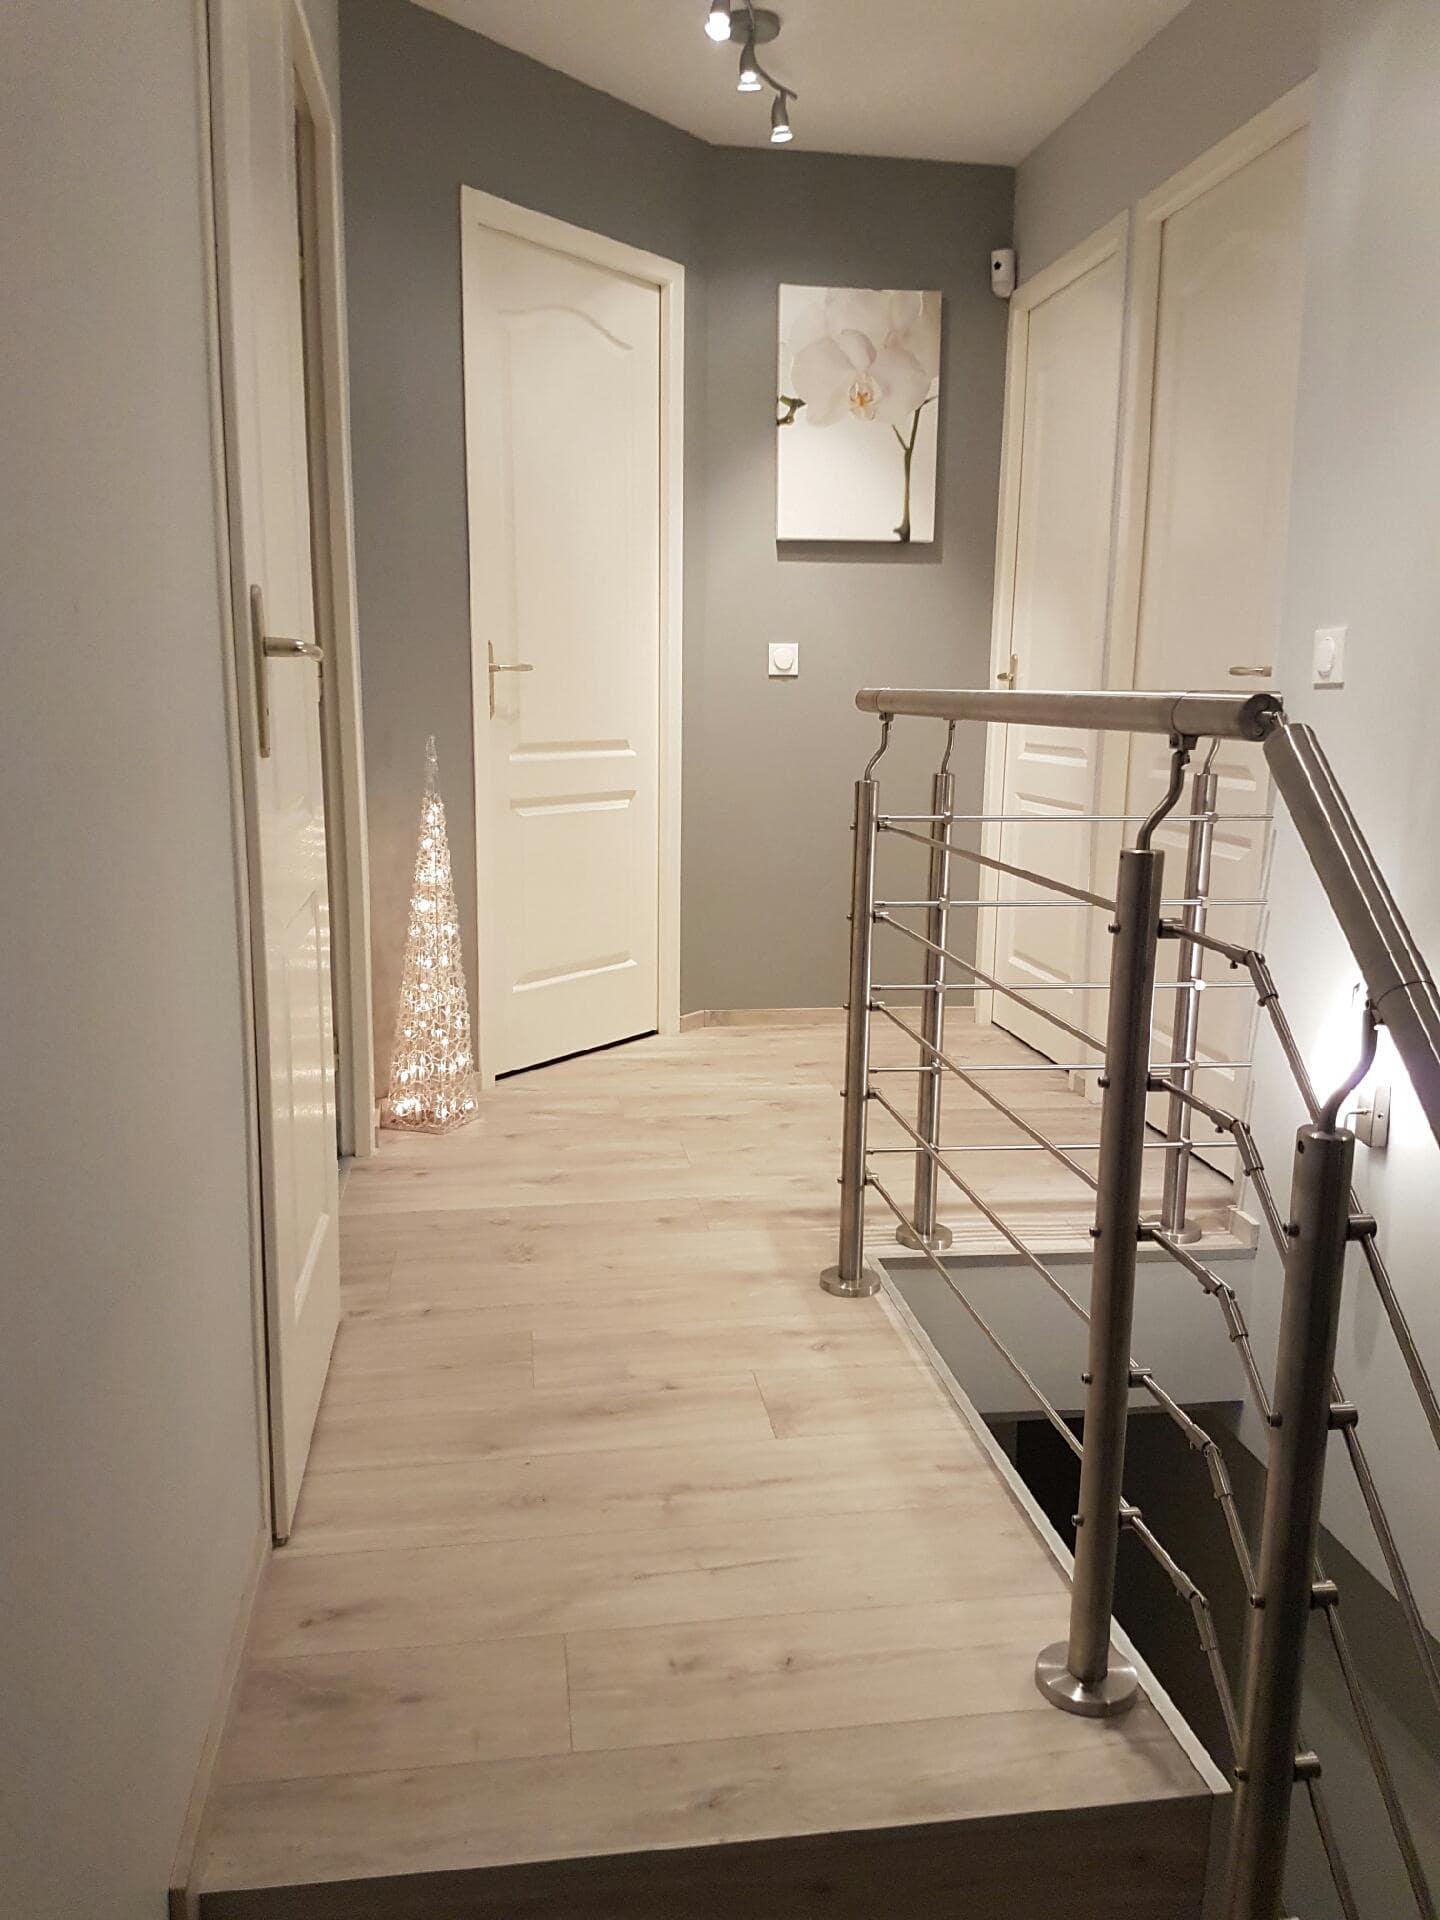 Rénovation interieur et pose de rampe d'escalier - Isère - GuillotP2A